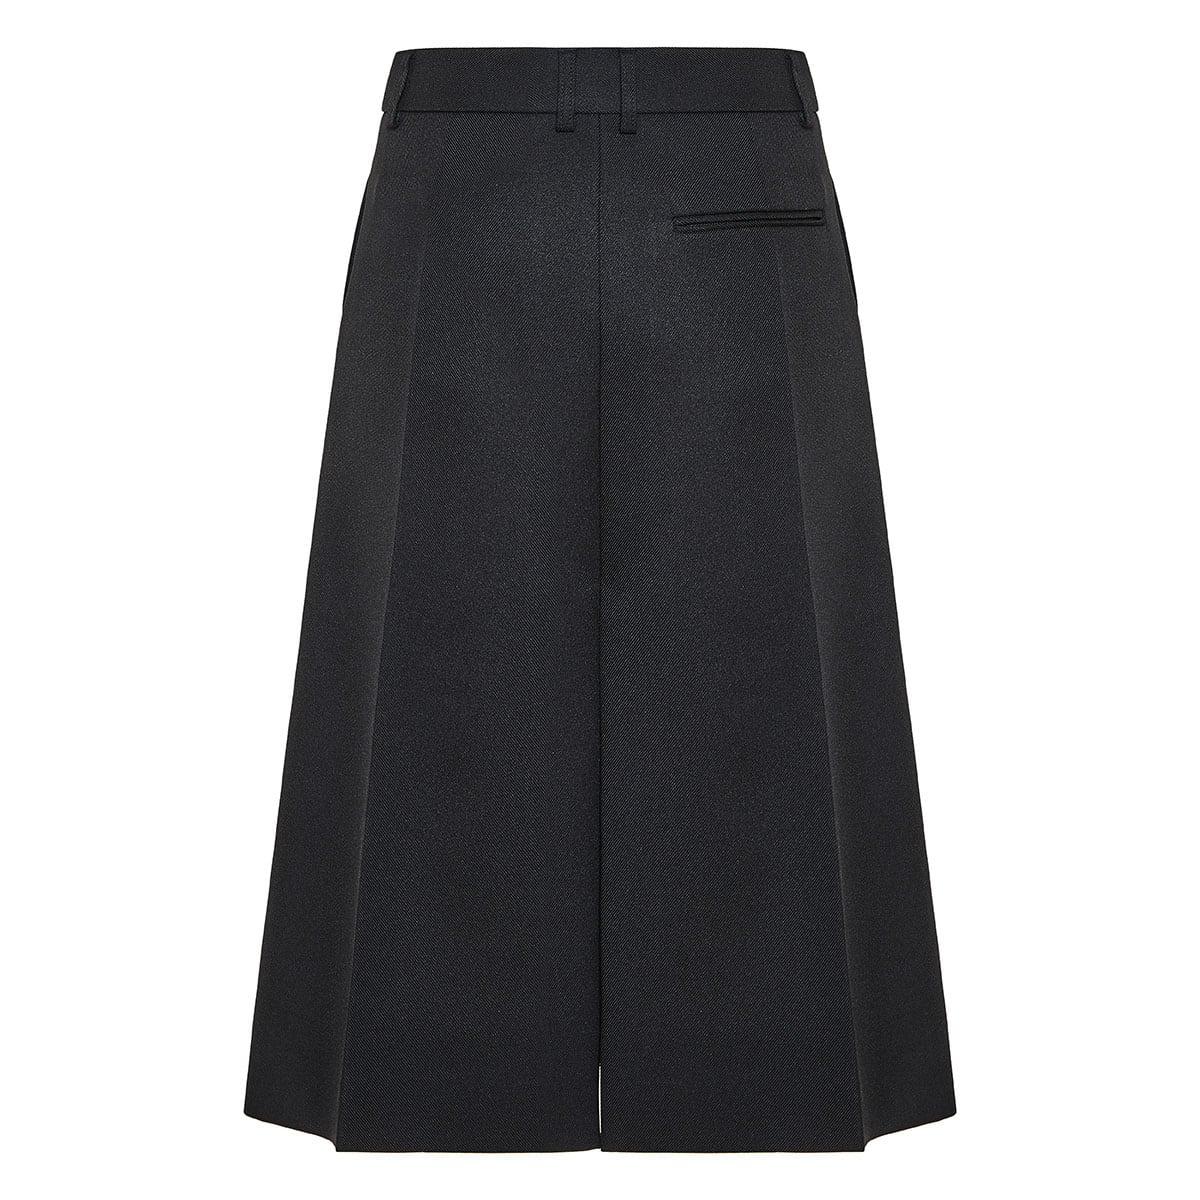 Alisha tailored midi skirt